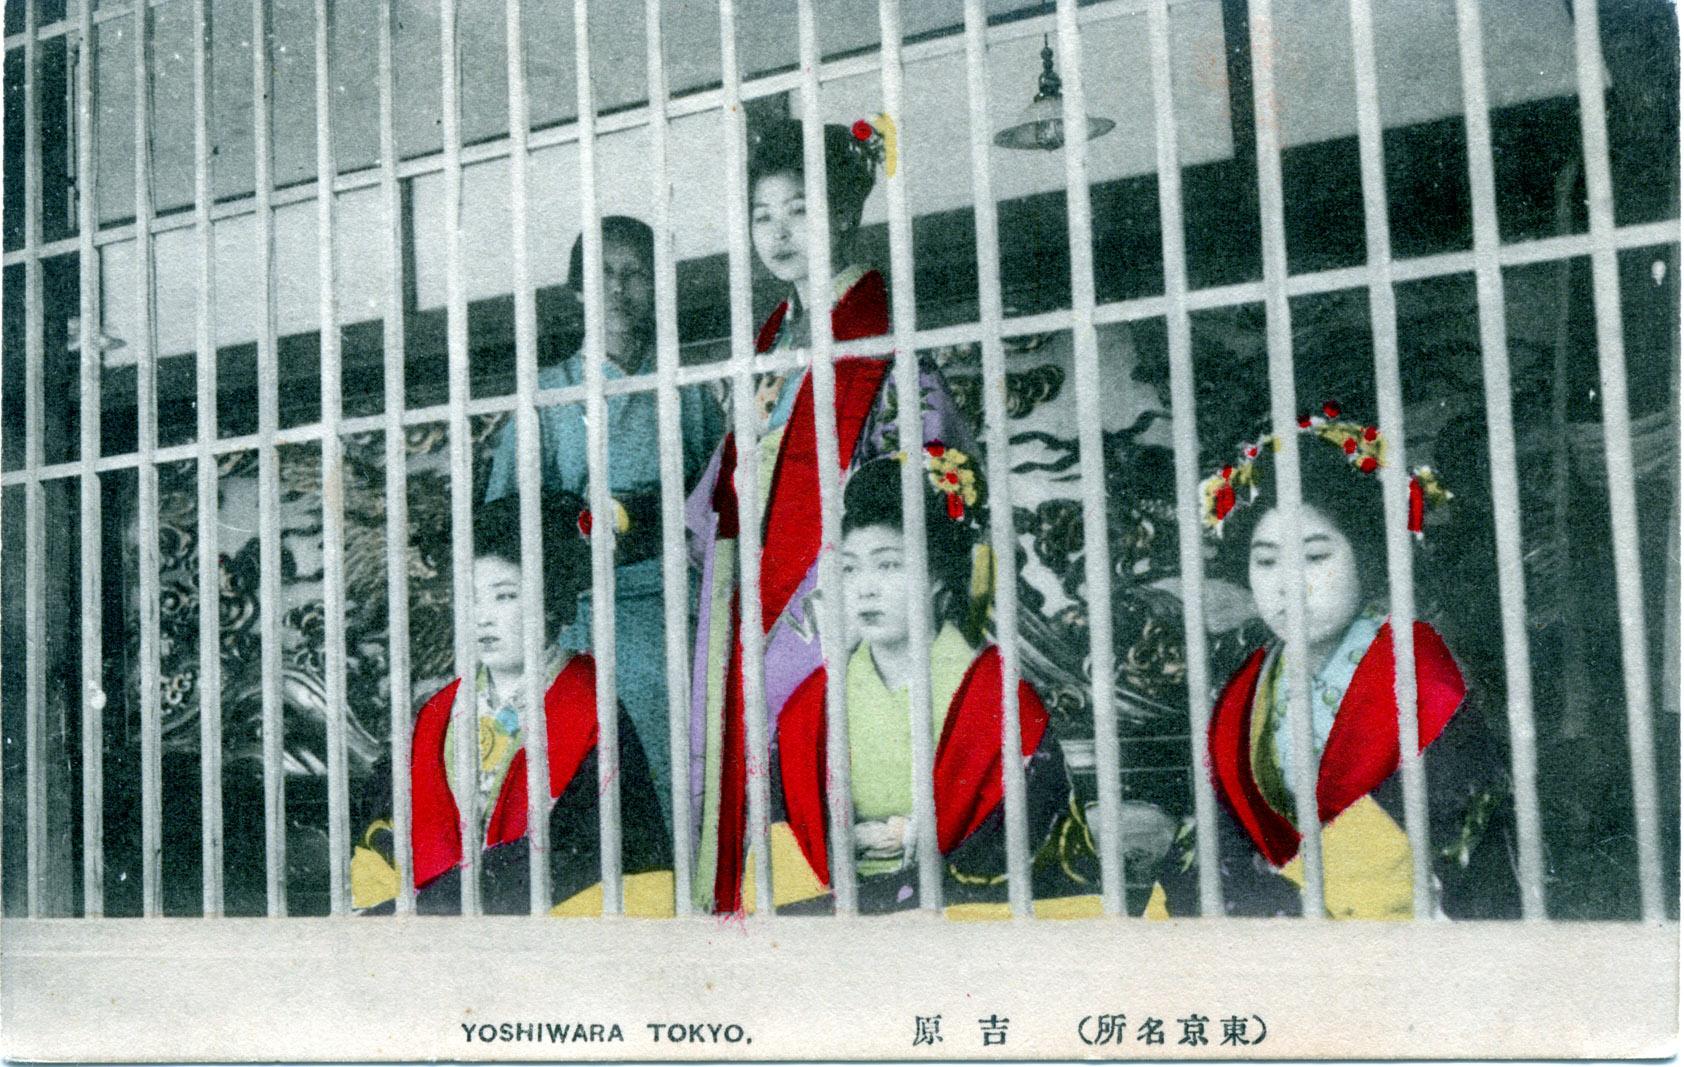 Yoshiwara (Licensed Red Light District).